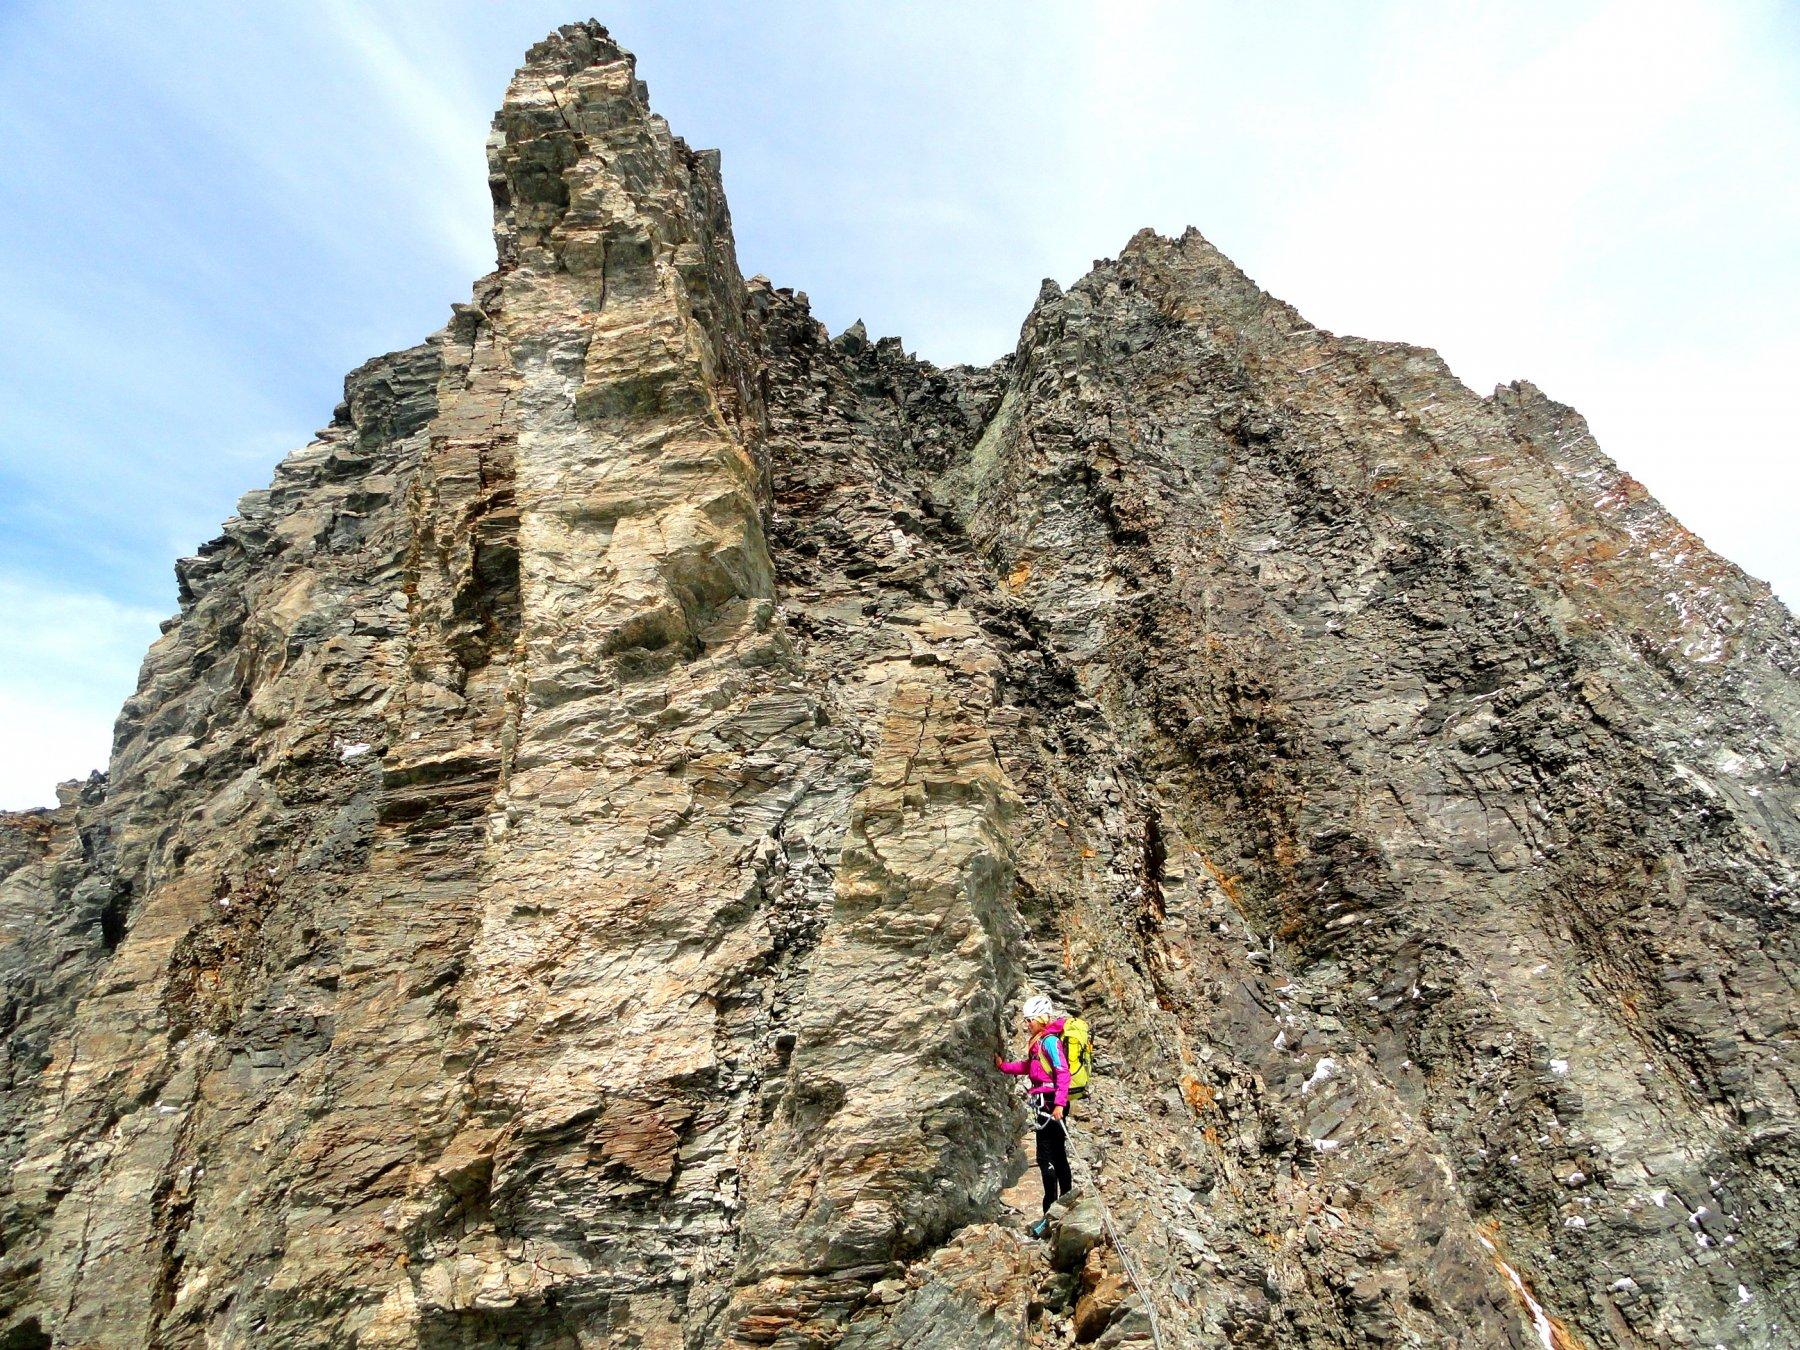 uno dei tratti in cui si arrampica in piena parete, a dx del filo di cresta